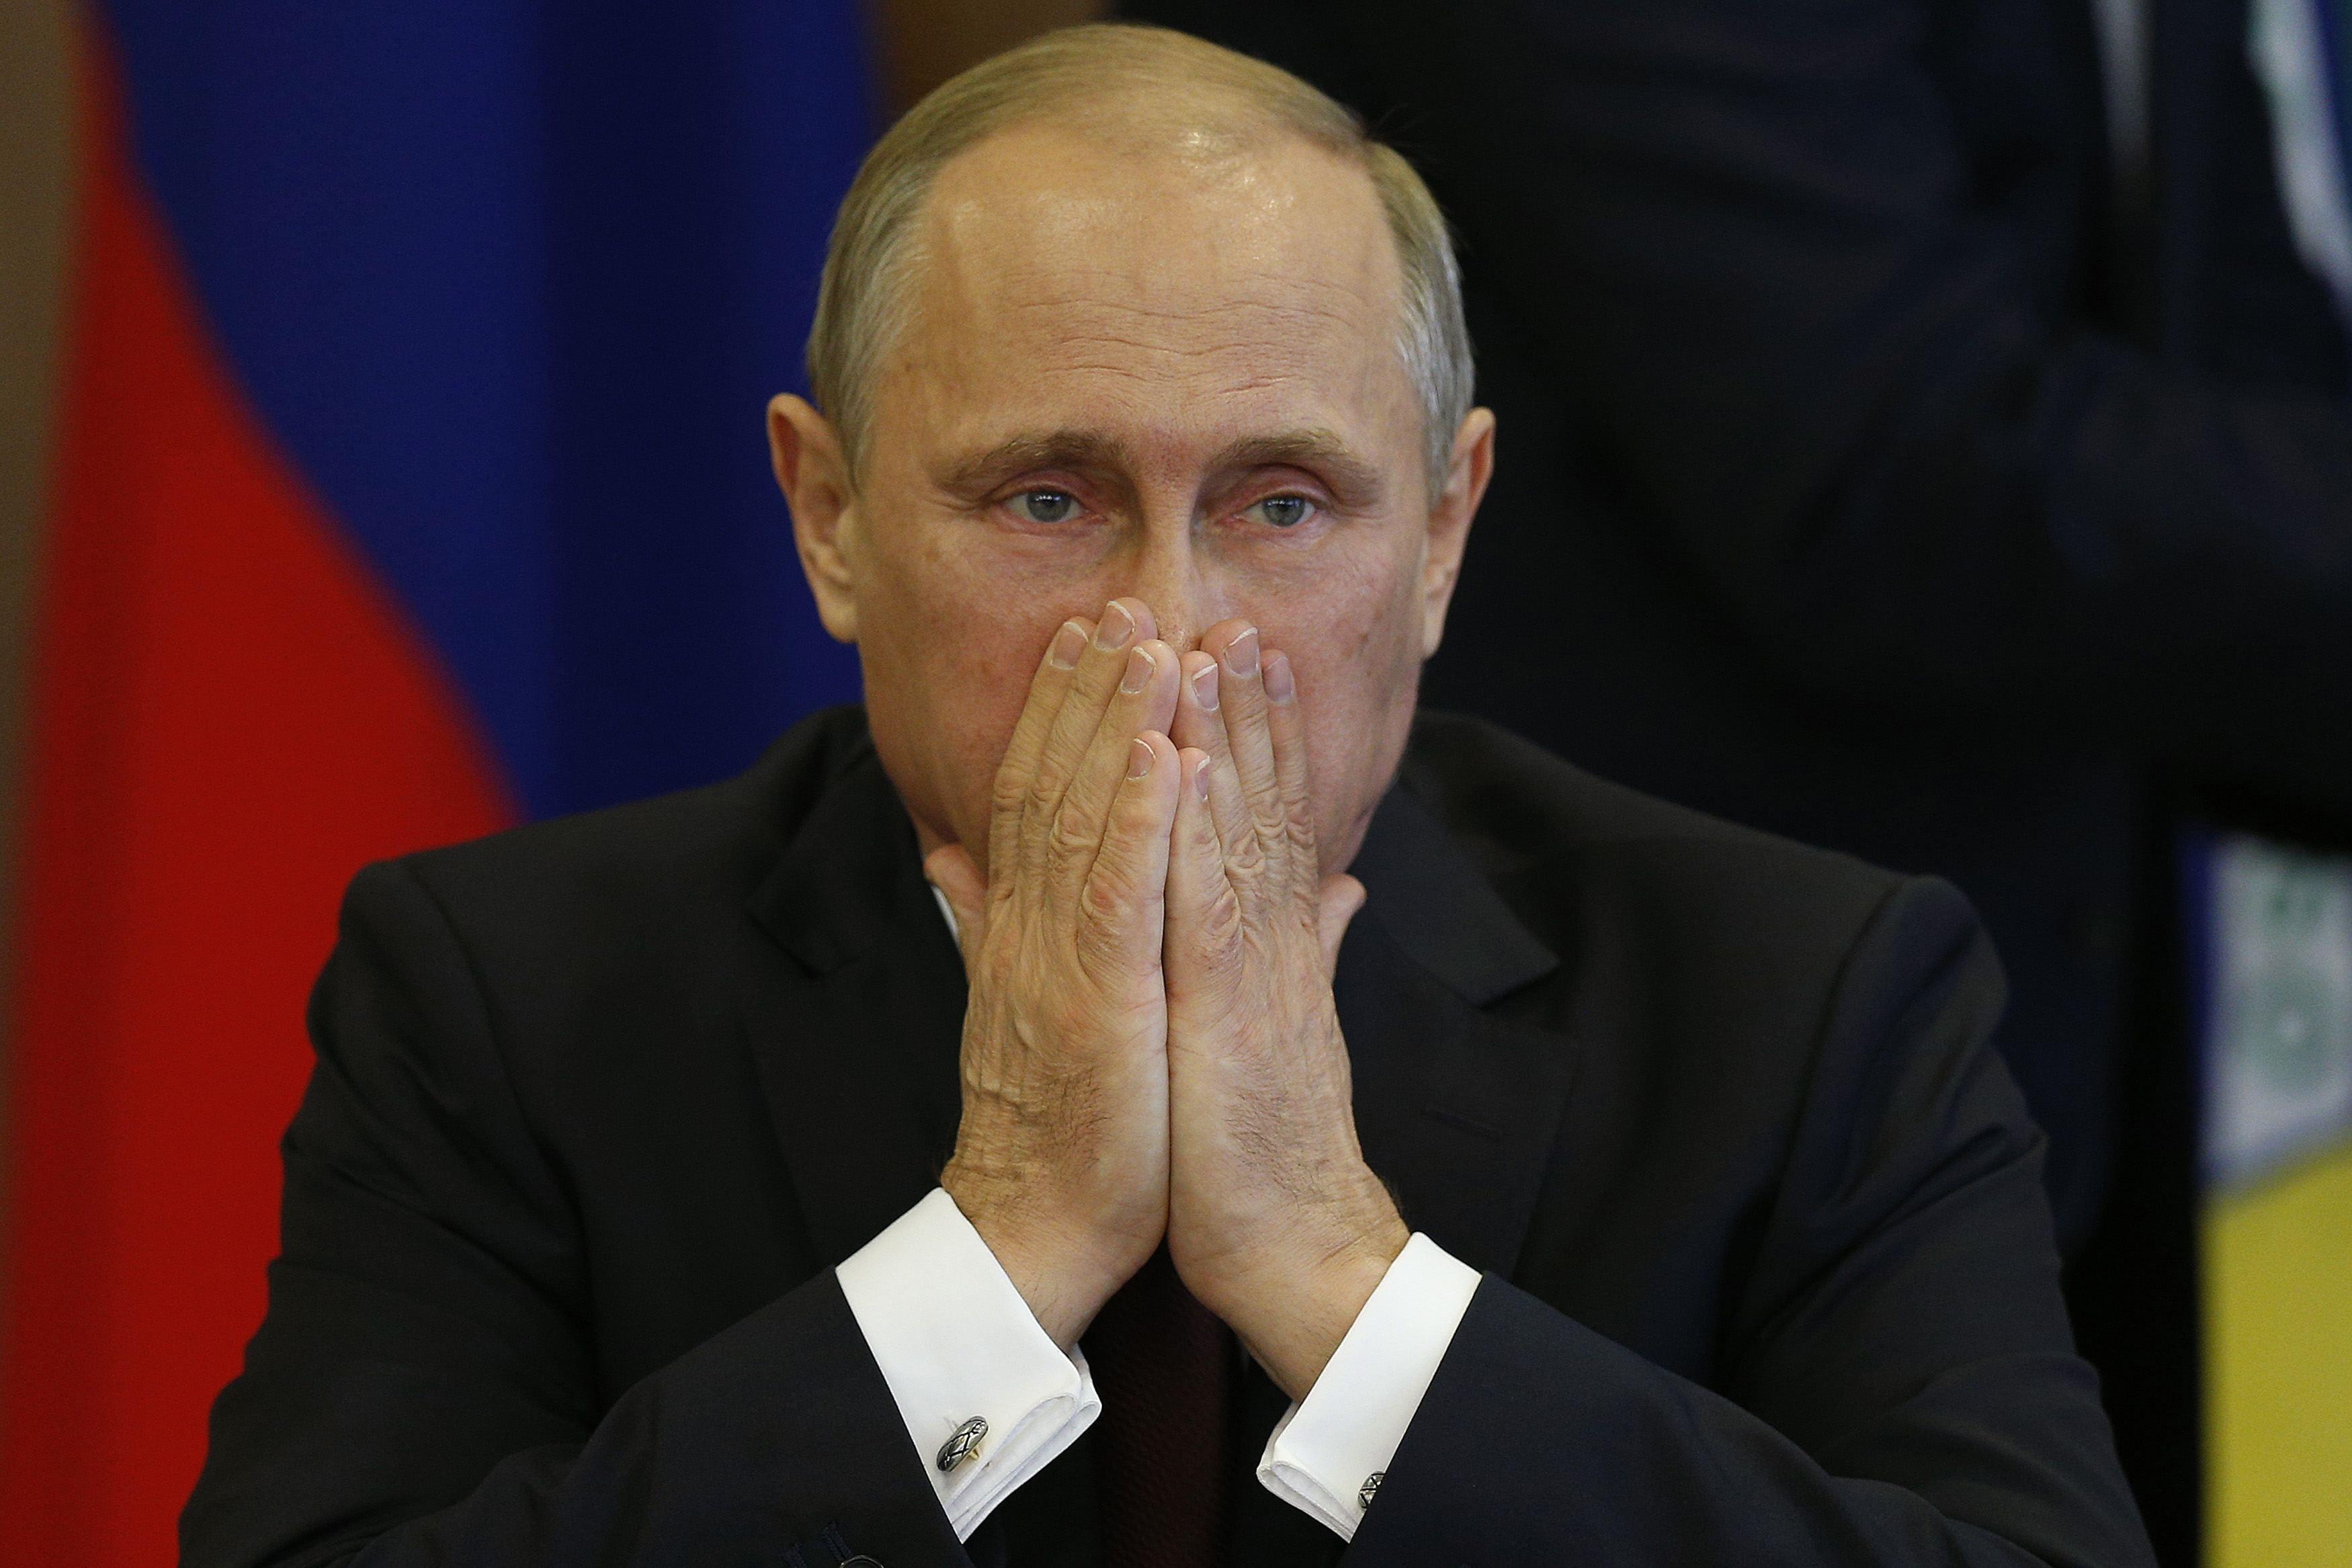 Эксперт рассказал о проблемах, которые получил Путин